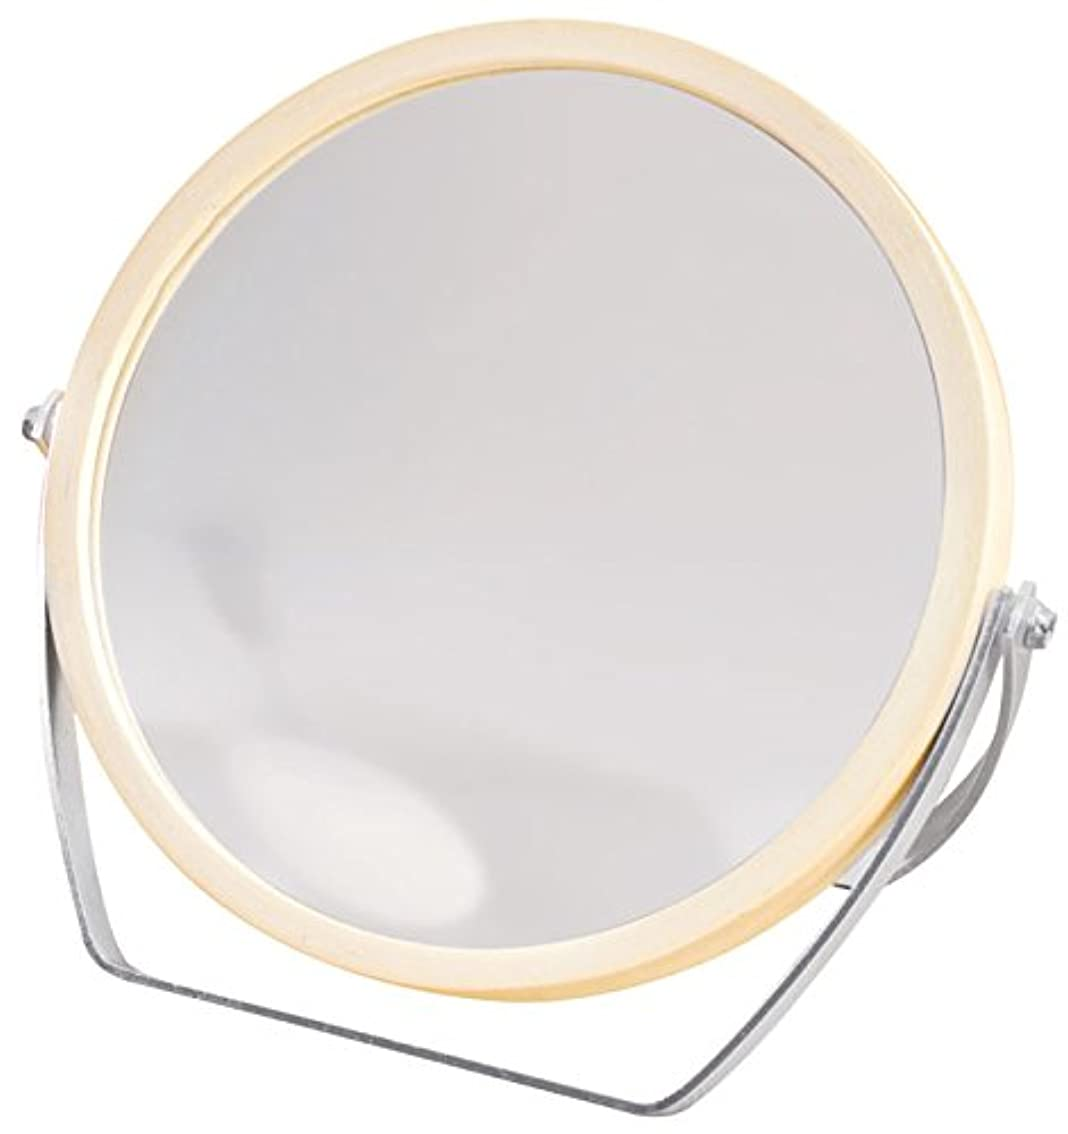 哲学博士展望台こするウッドフレーム 2WAY 5倍拡大鏡付 両面 卓上ミラー (ロースタンドタイプ) ナチュラル YWM-1